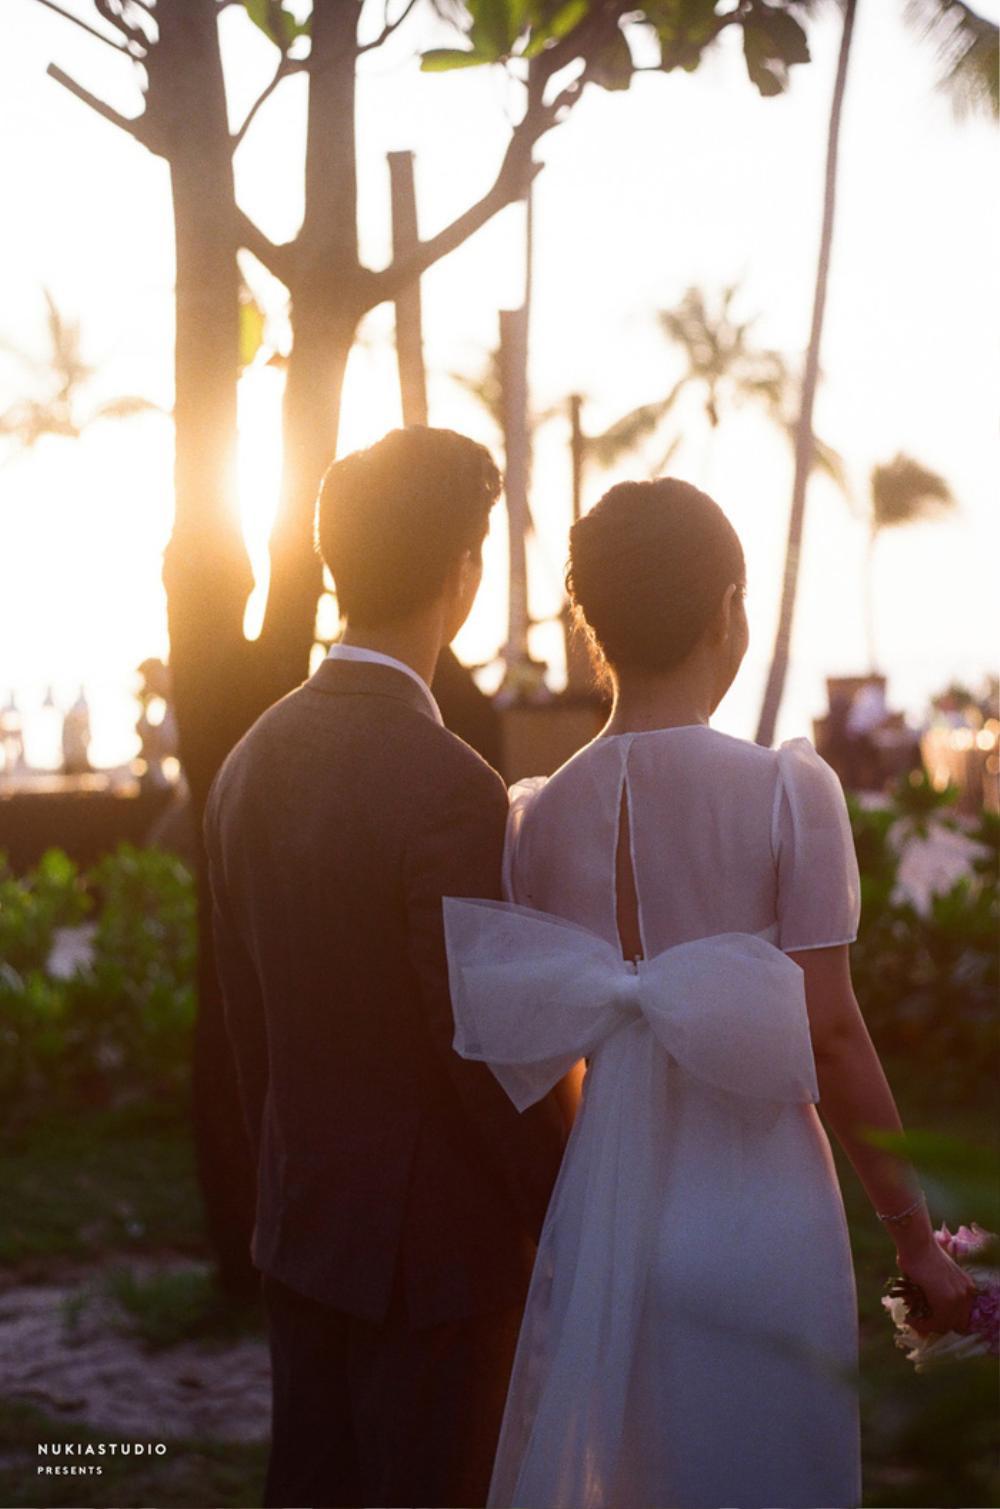 Công Phượng đăng loạt ảnh cưới chưa từng được công bố Ảnh 2